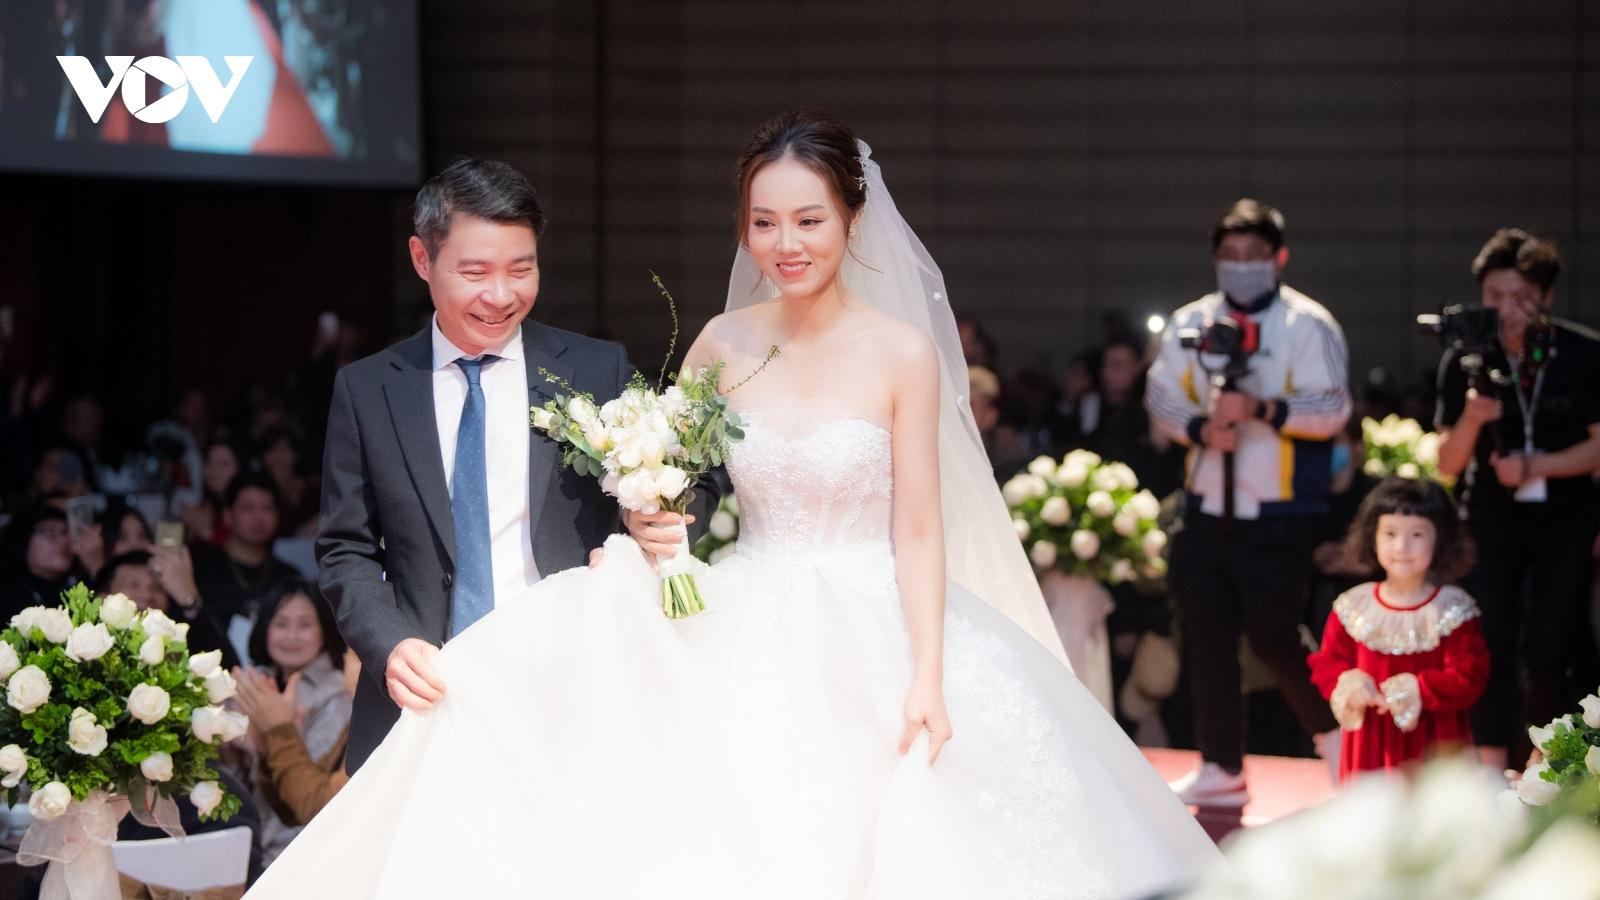 Cô dâu kém 15 tuổi của NSND Công Lý rạng ngời hạnh phúc trong ngày cưới